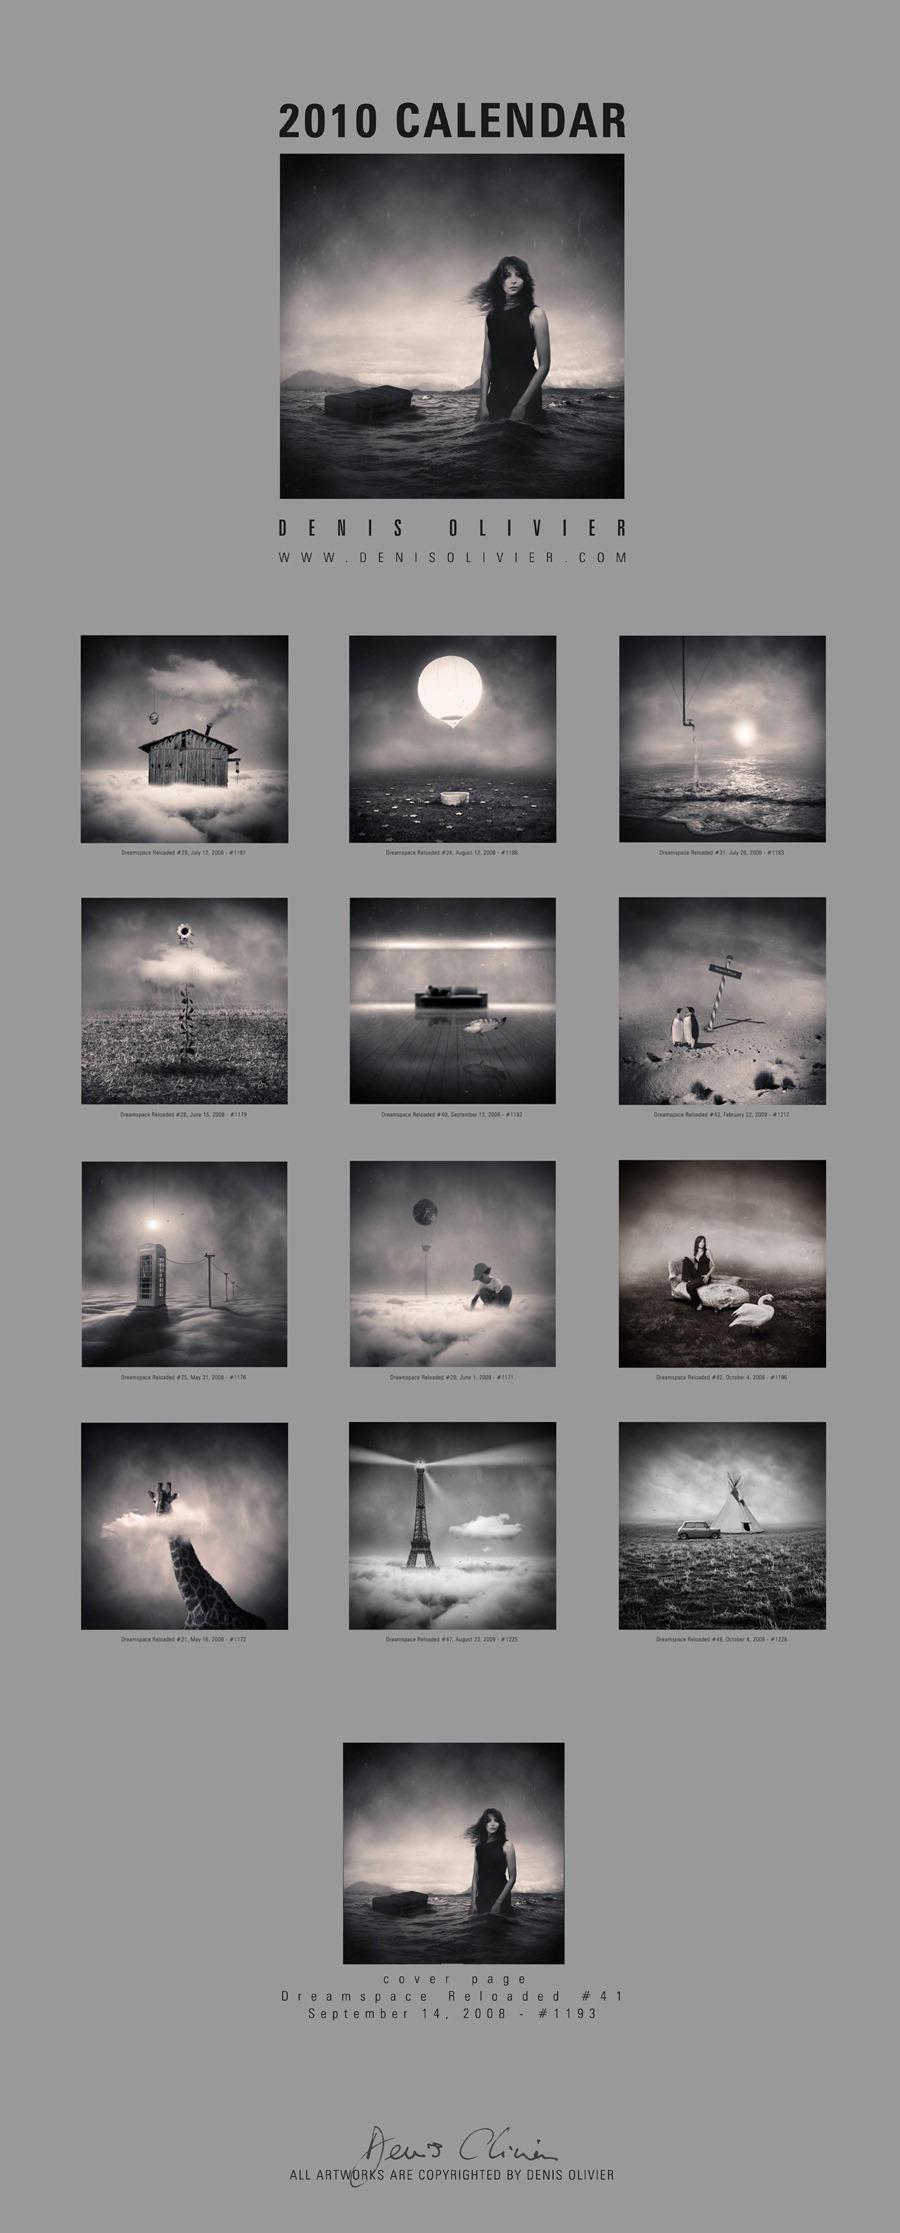 Calendar 2010 - Dreamspace by DenisOlivier